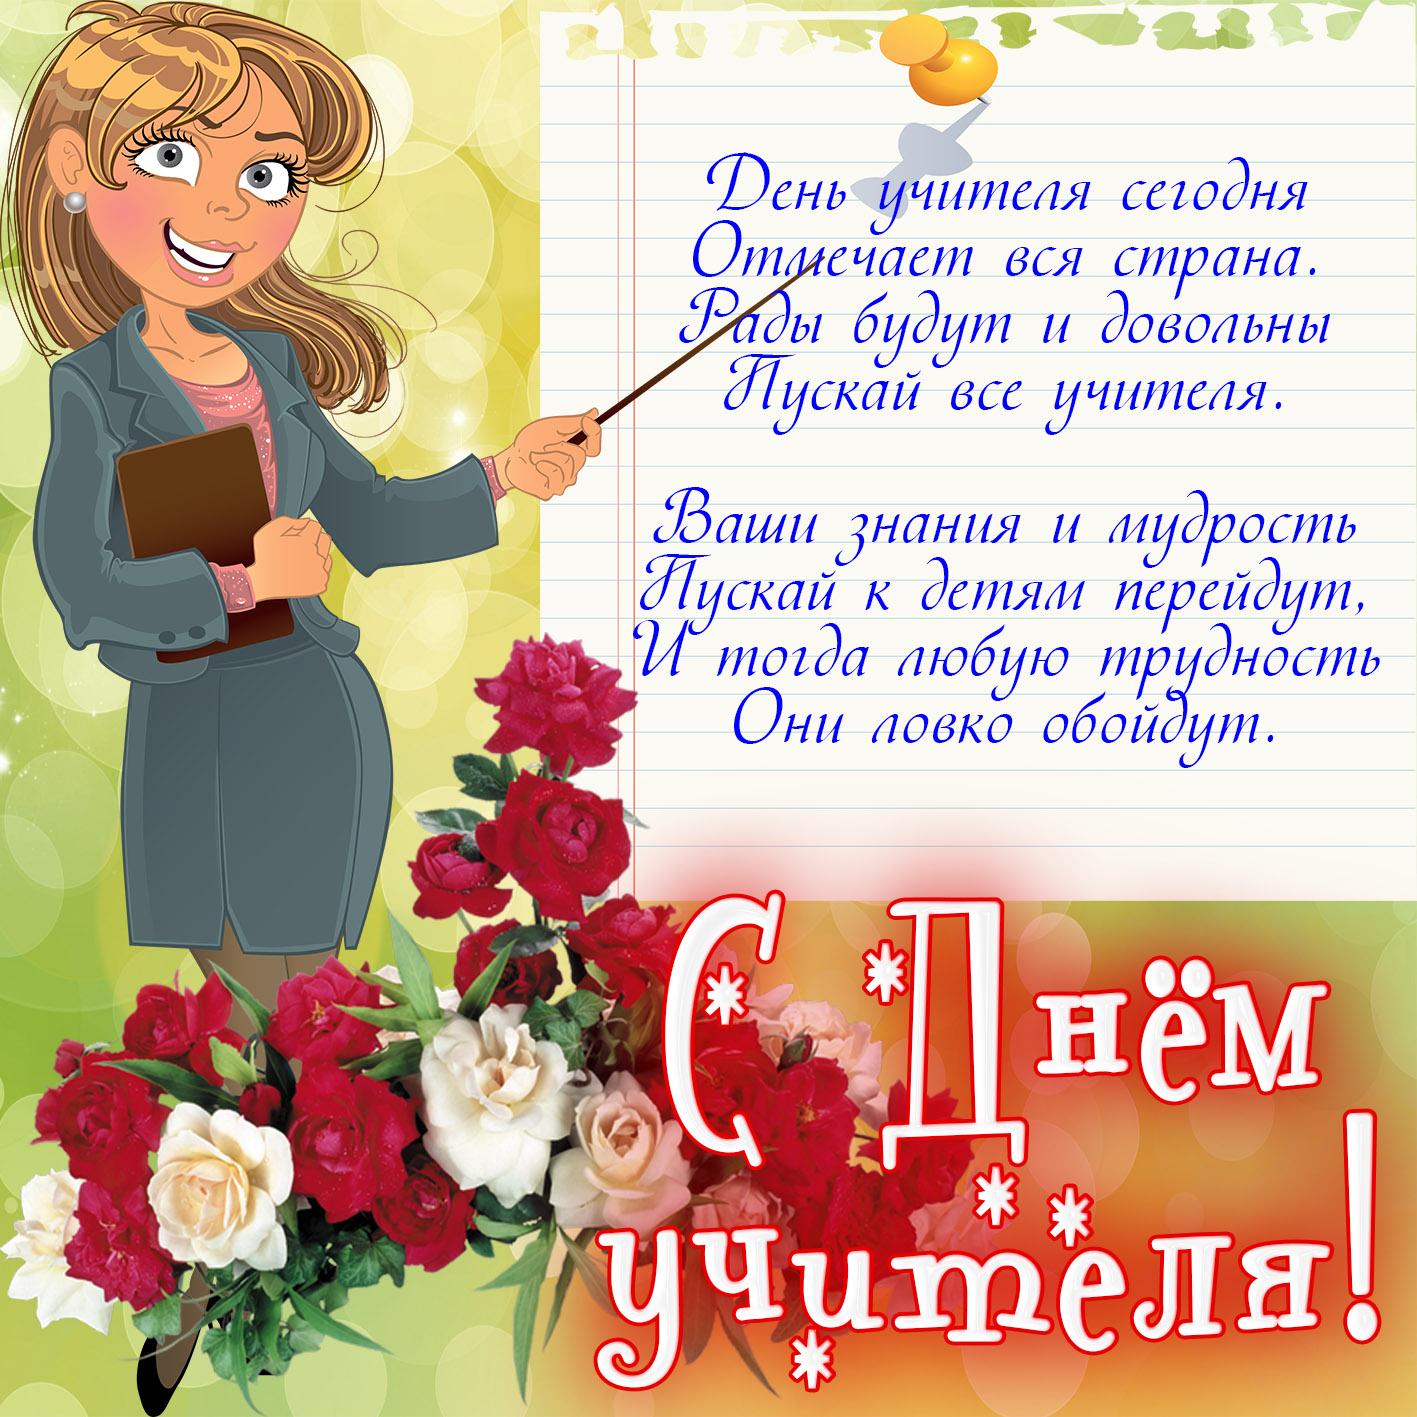 Поздравление учителям на день учителя в картинках, открытки